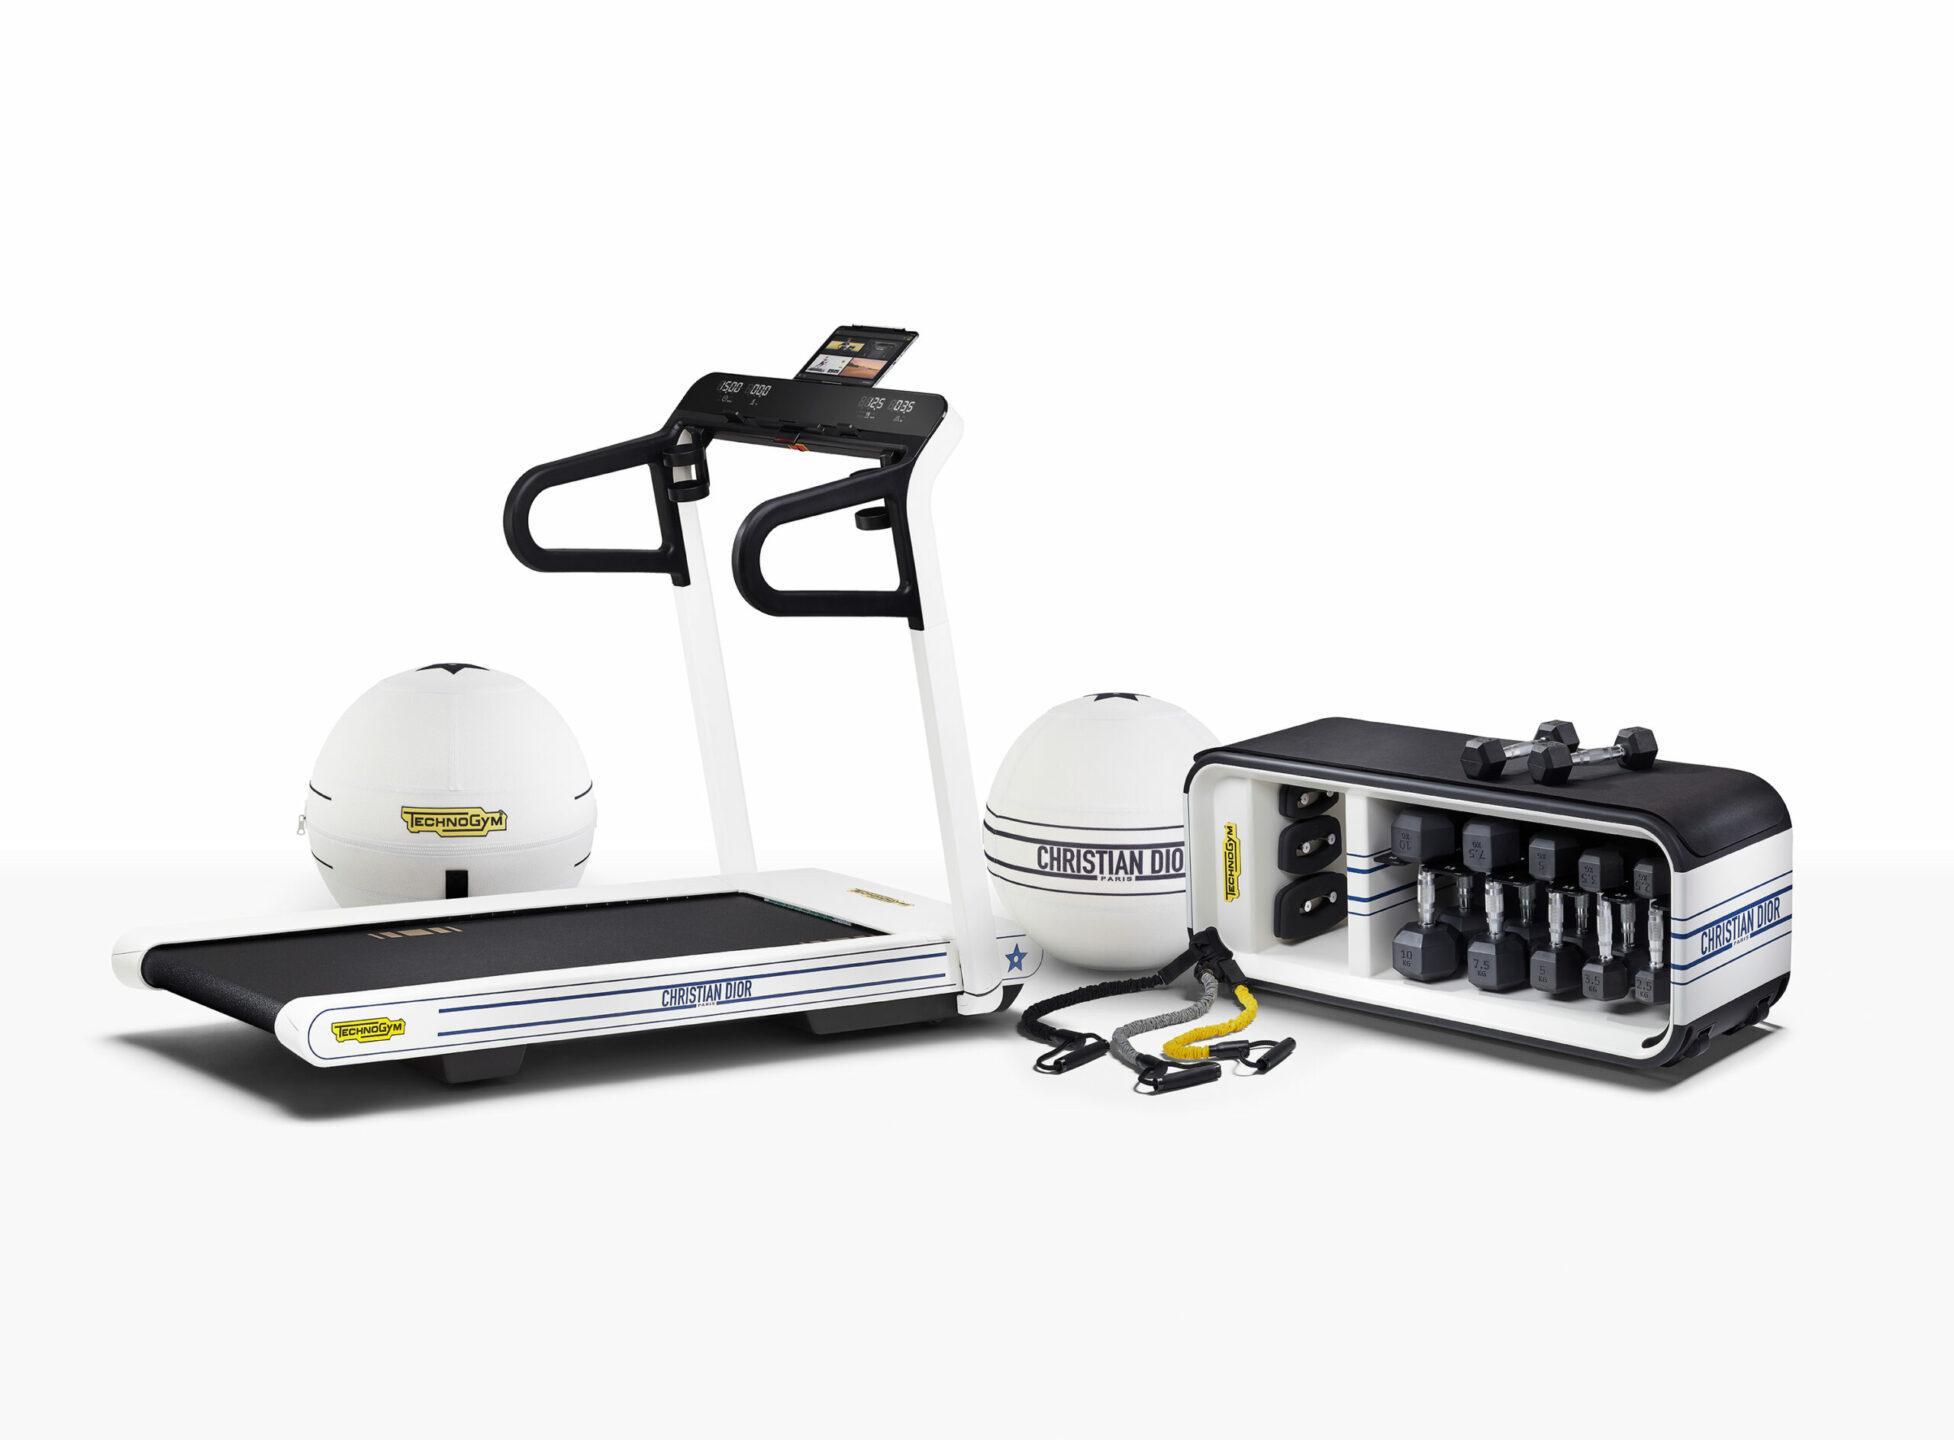 technogym-e-dior-insieme-per-un'edizione-limitata-di-prodotti-di-lusso-per-lo-sport